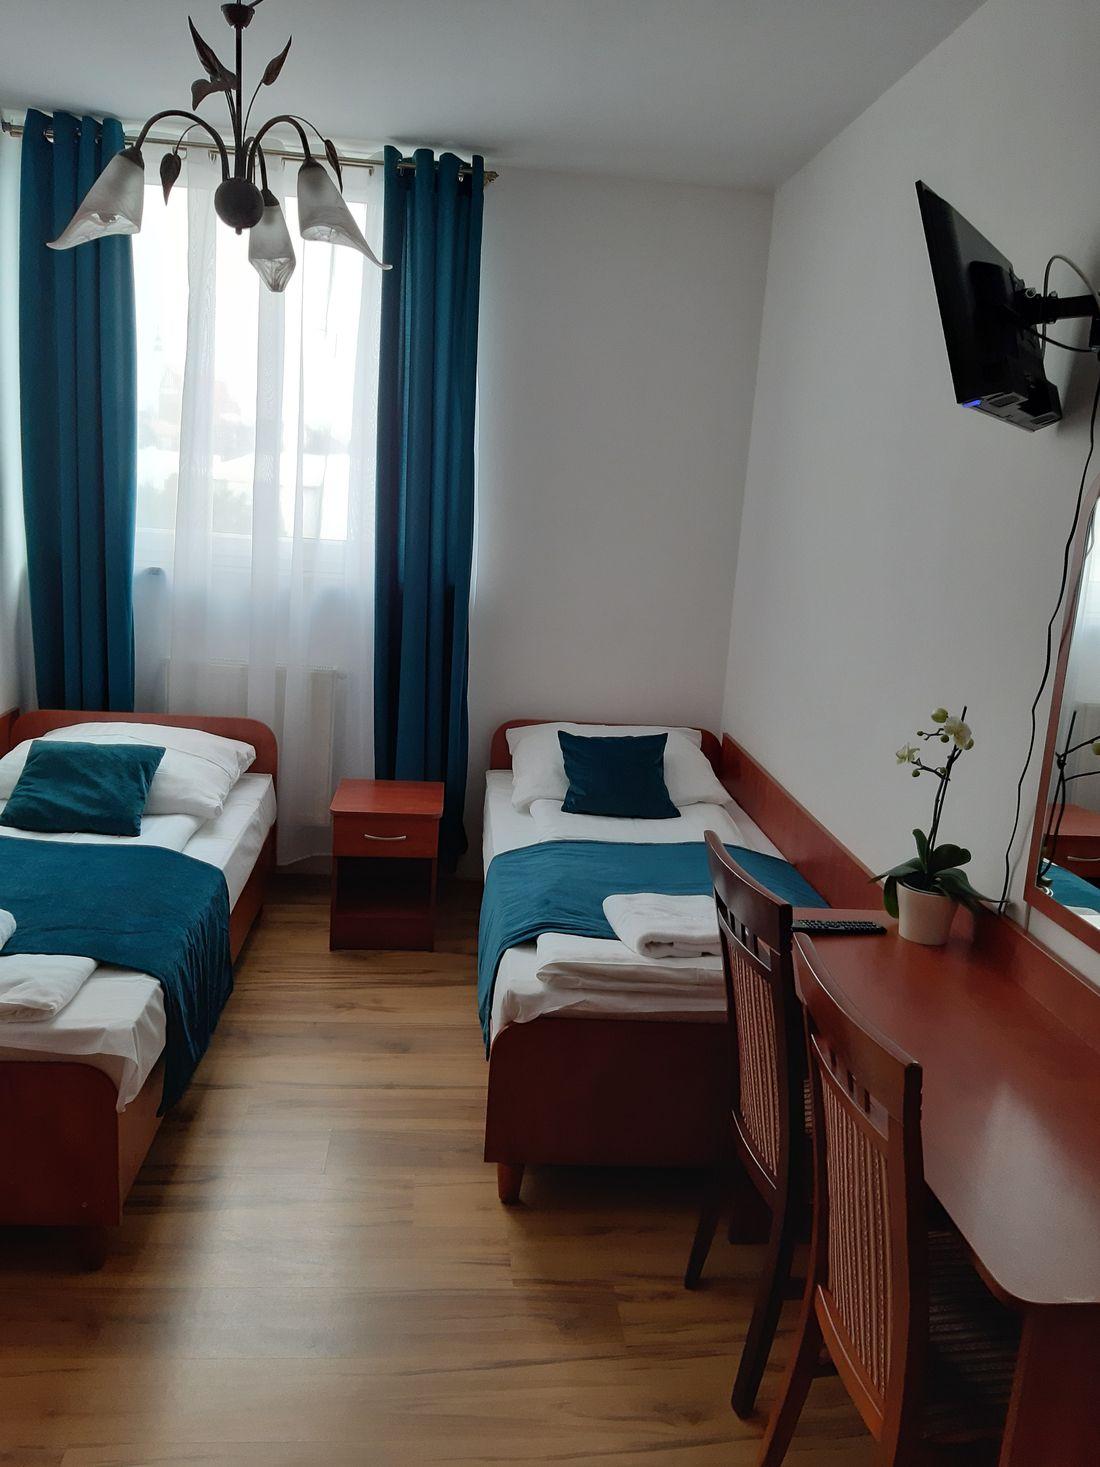 Pokój 4 osobowy w hotelu